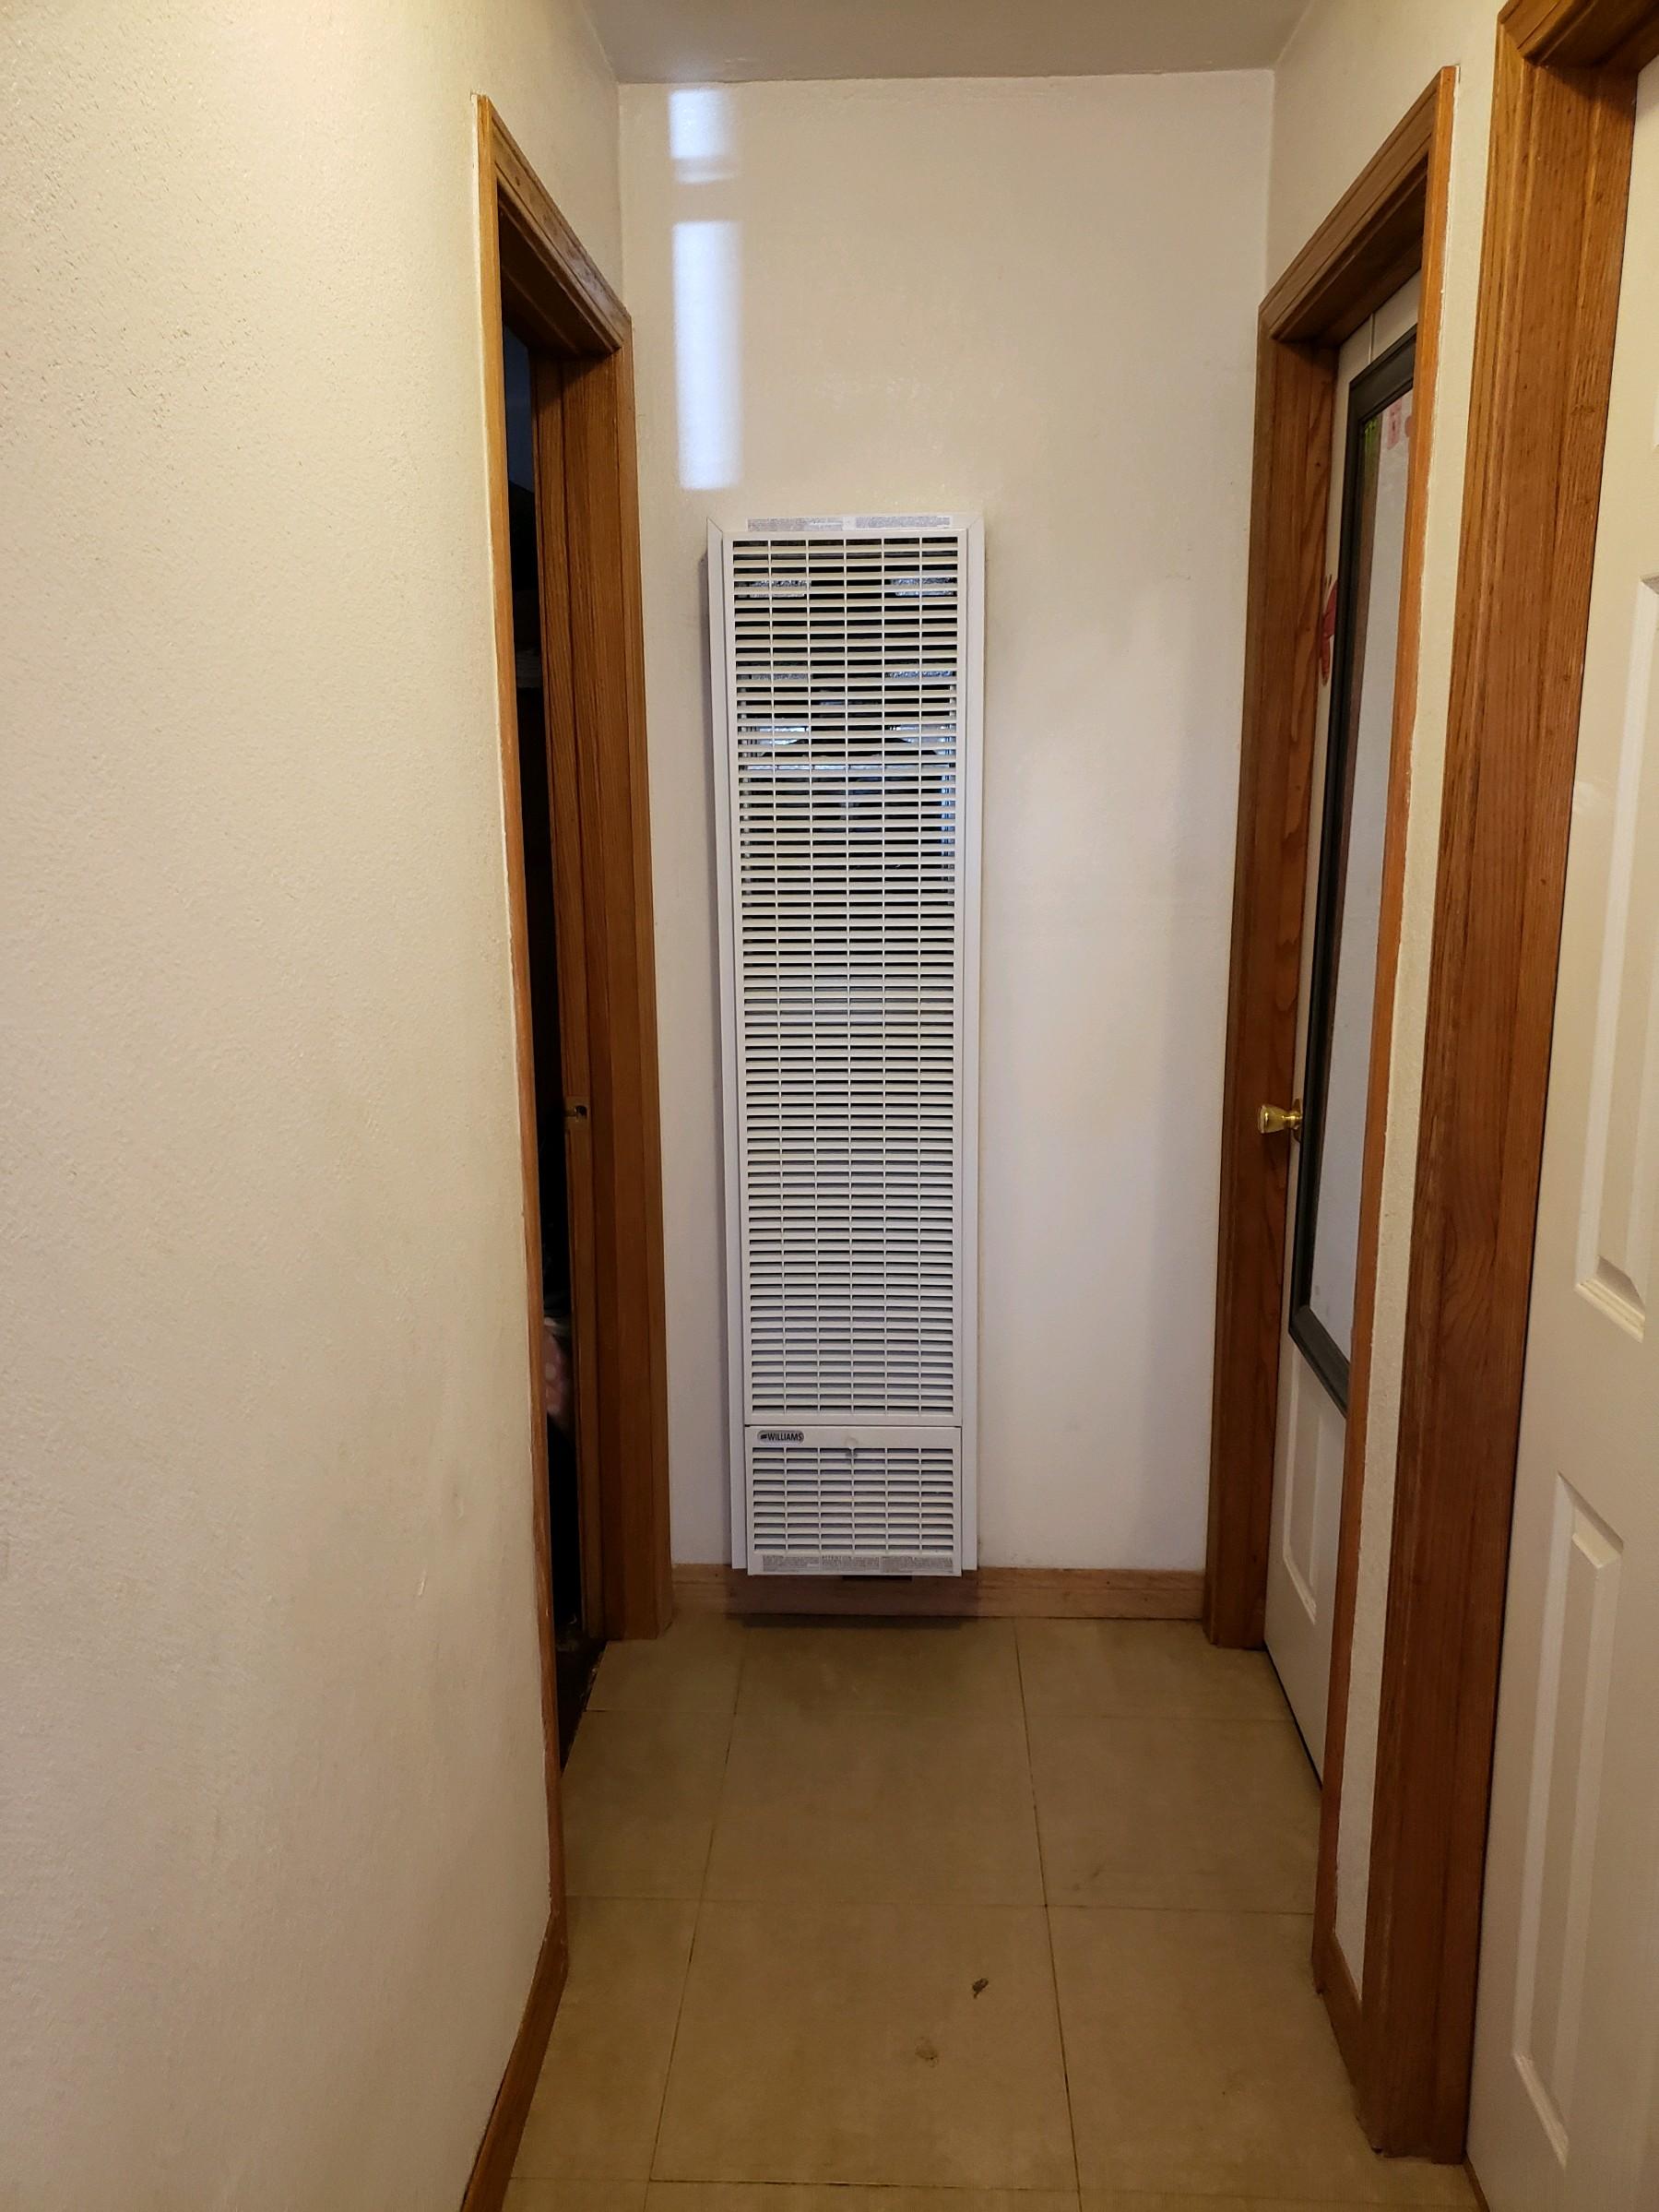 Wall heater repair / install